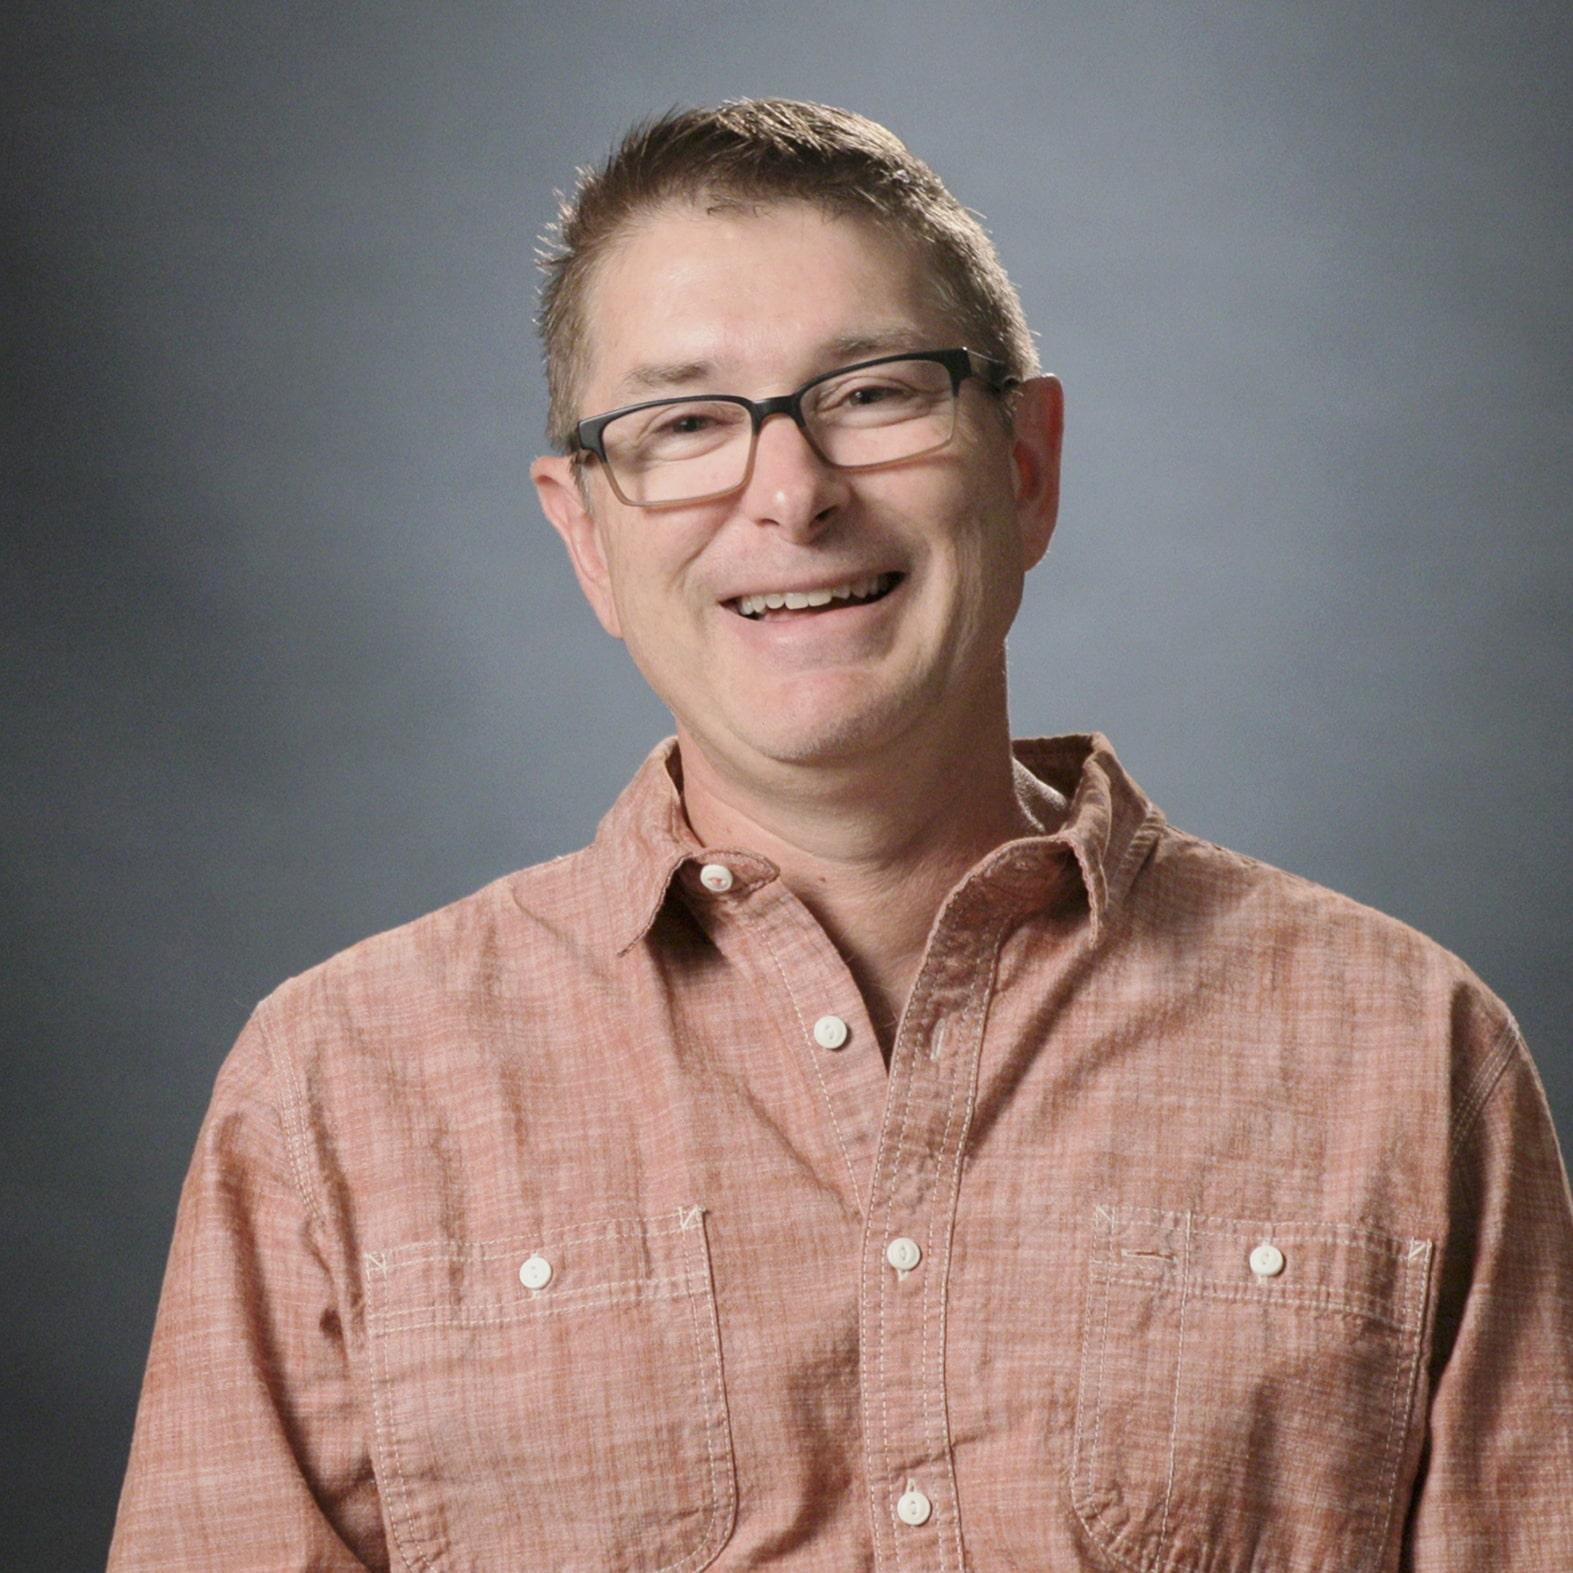 Collaborator Jeff Bradbury